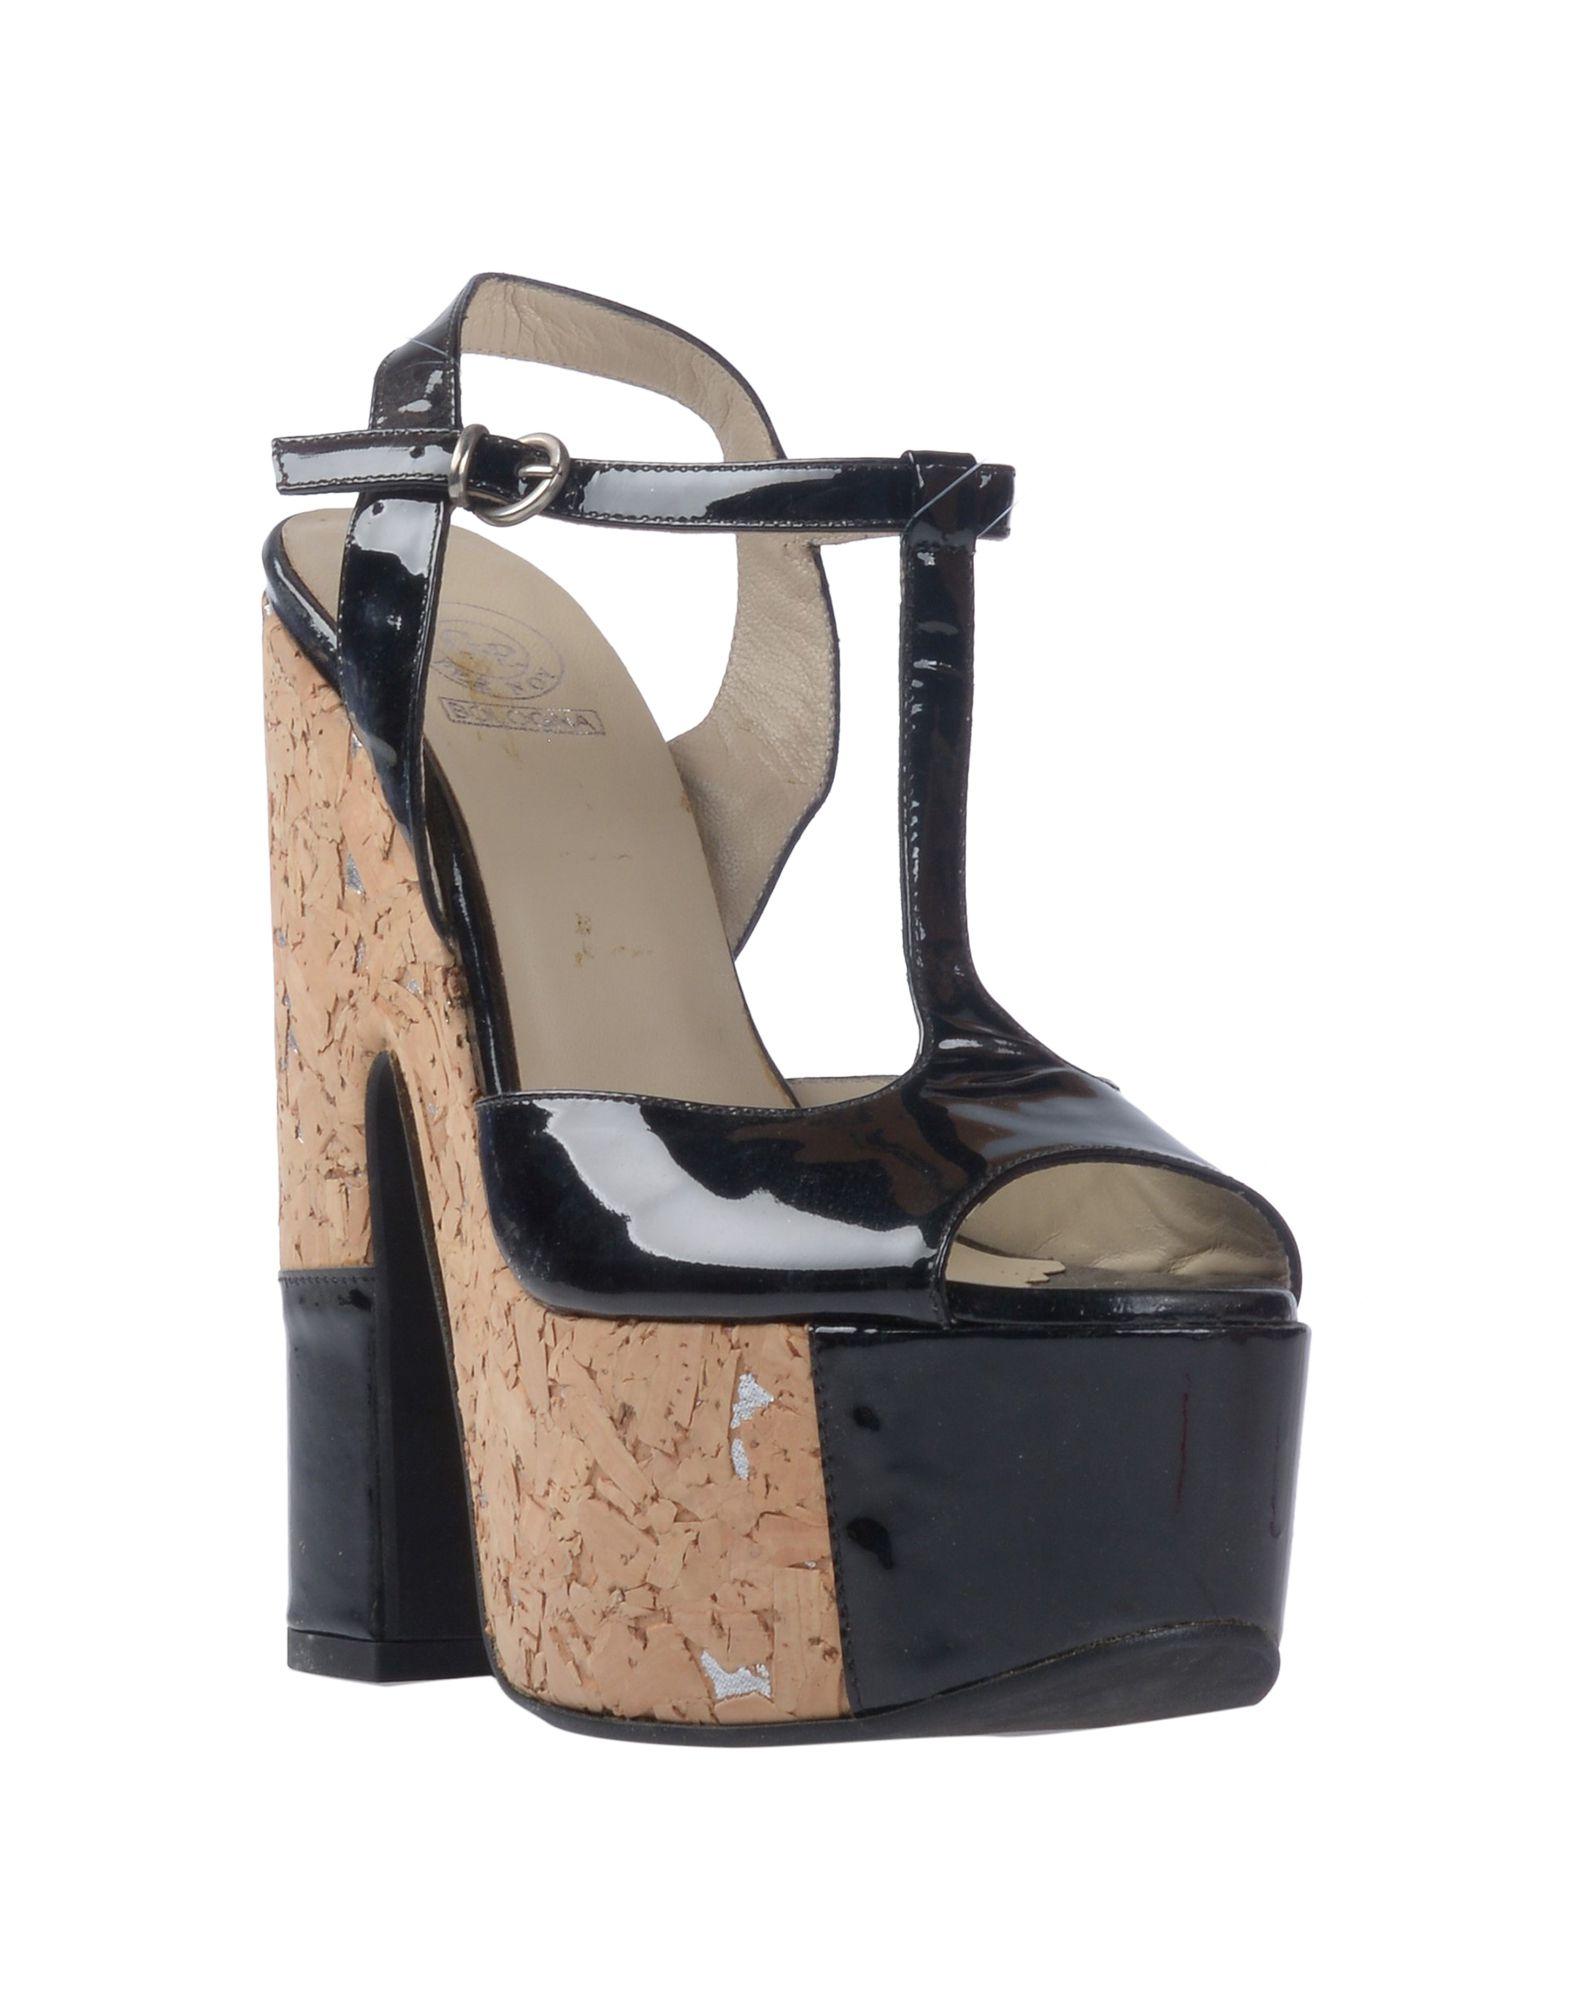 G.P. Per Sandalen Noy Bologna Sandalen Per Damen Gutes Preis-Leistungs-Verhältnis, es lohnt sich 765a54